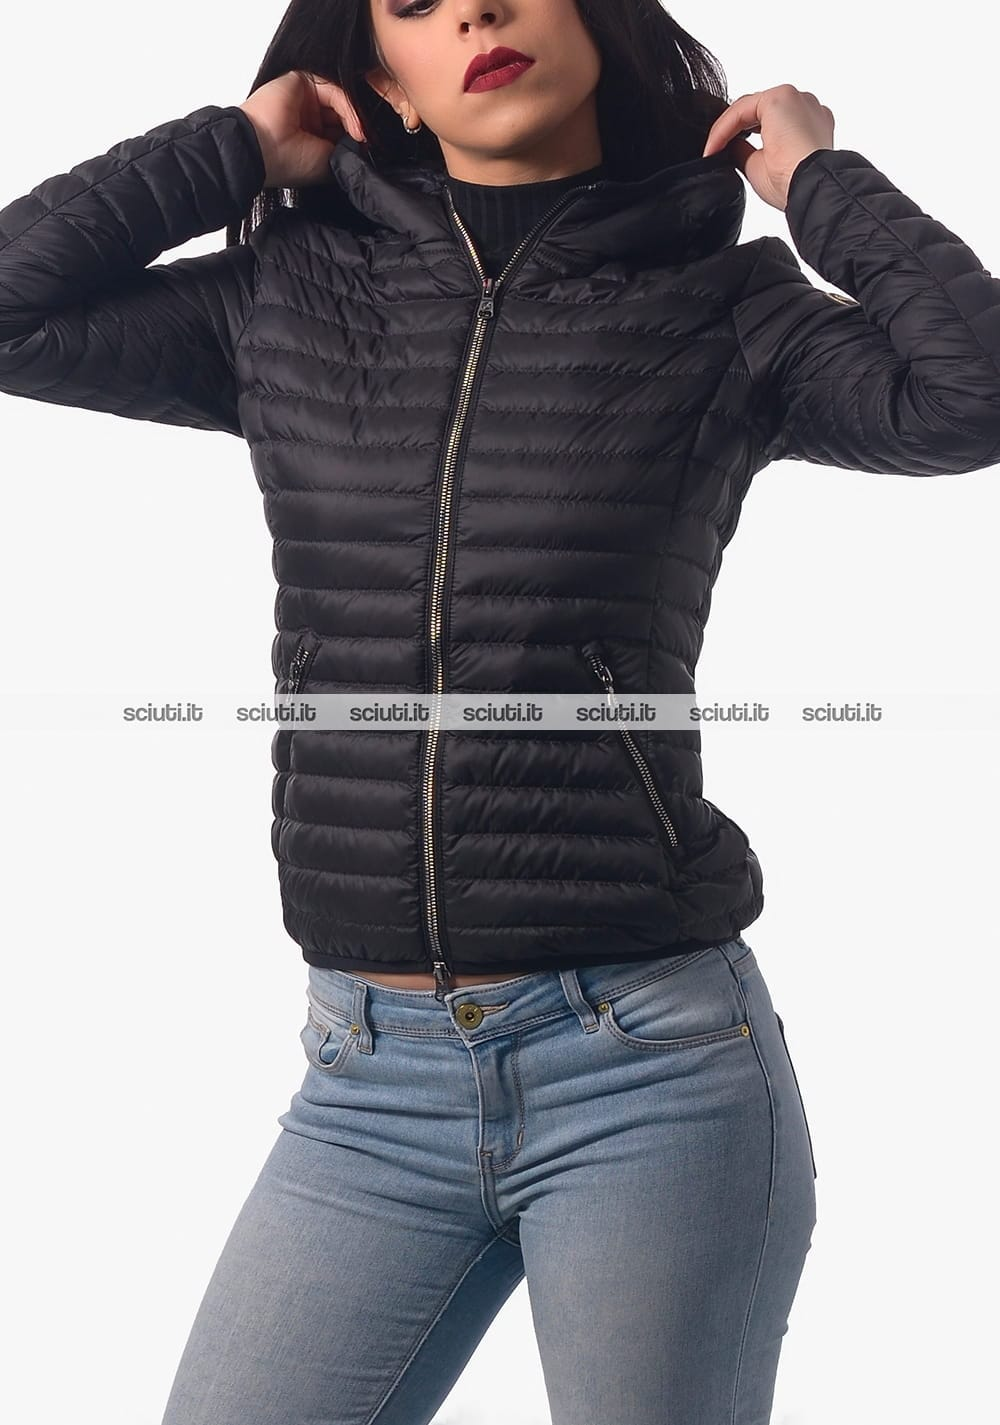 detailing 40e44 edc8a Piumino Colmar donna nero leggero con cappuccio | Sciuti.it